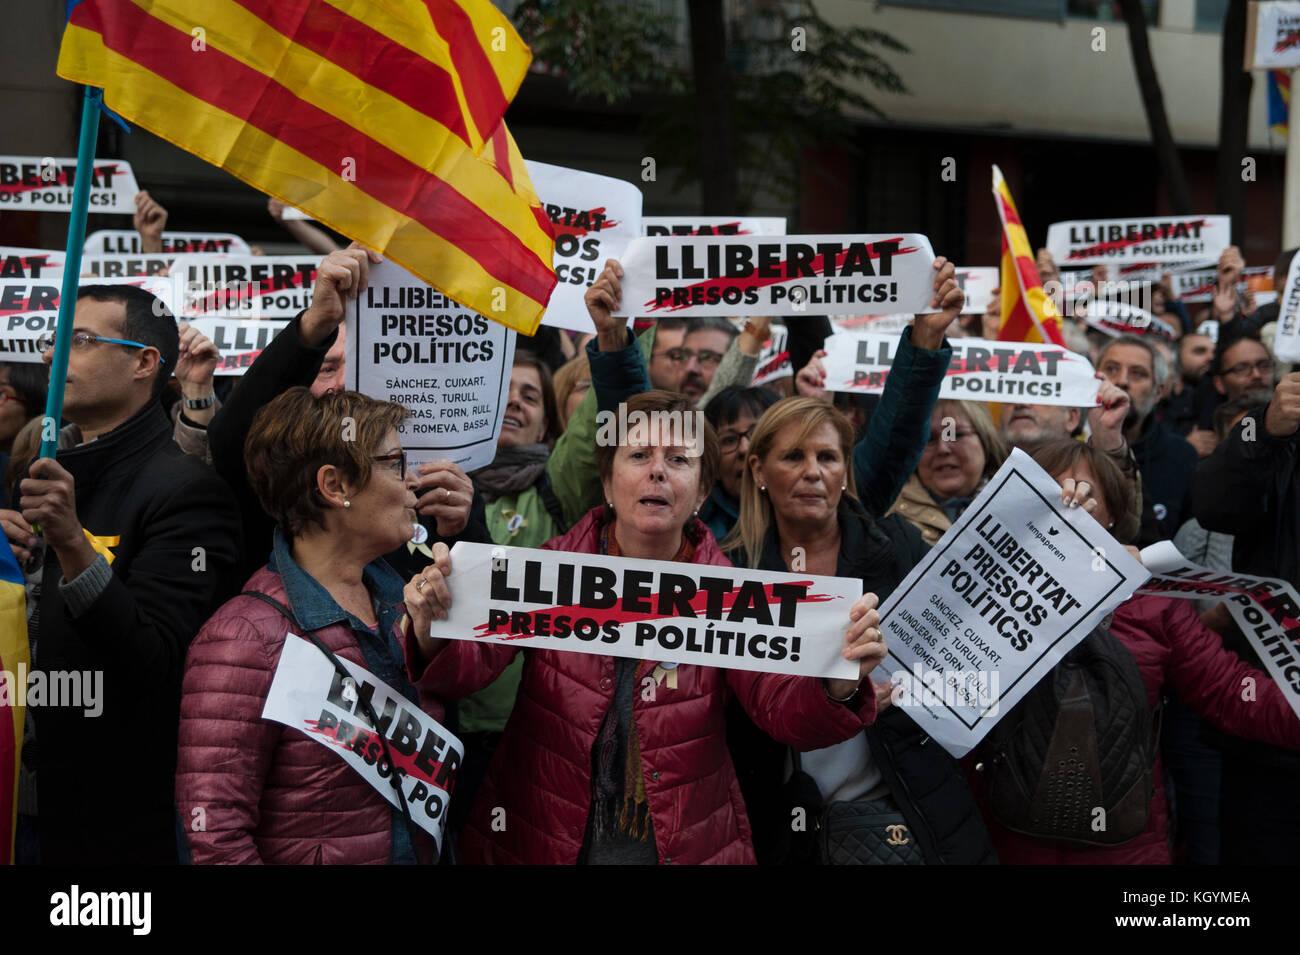 Barcelone, Espagne. 11 novembre 2017. Les associations de mouvements indépendantistes et les partis politiques ont appelé à une marche pour protester contre les détentions de prison du gouvernement catalan évincé. Credit: Charlie Perez/Alay Live News Banque D'Images